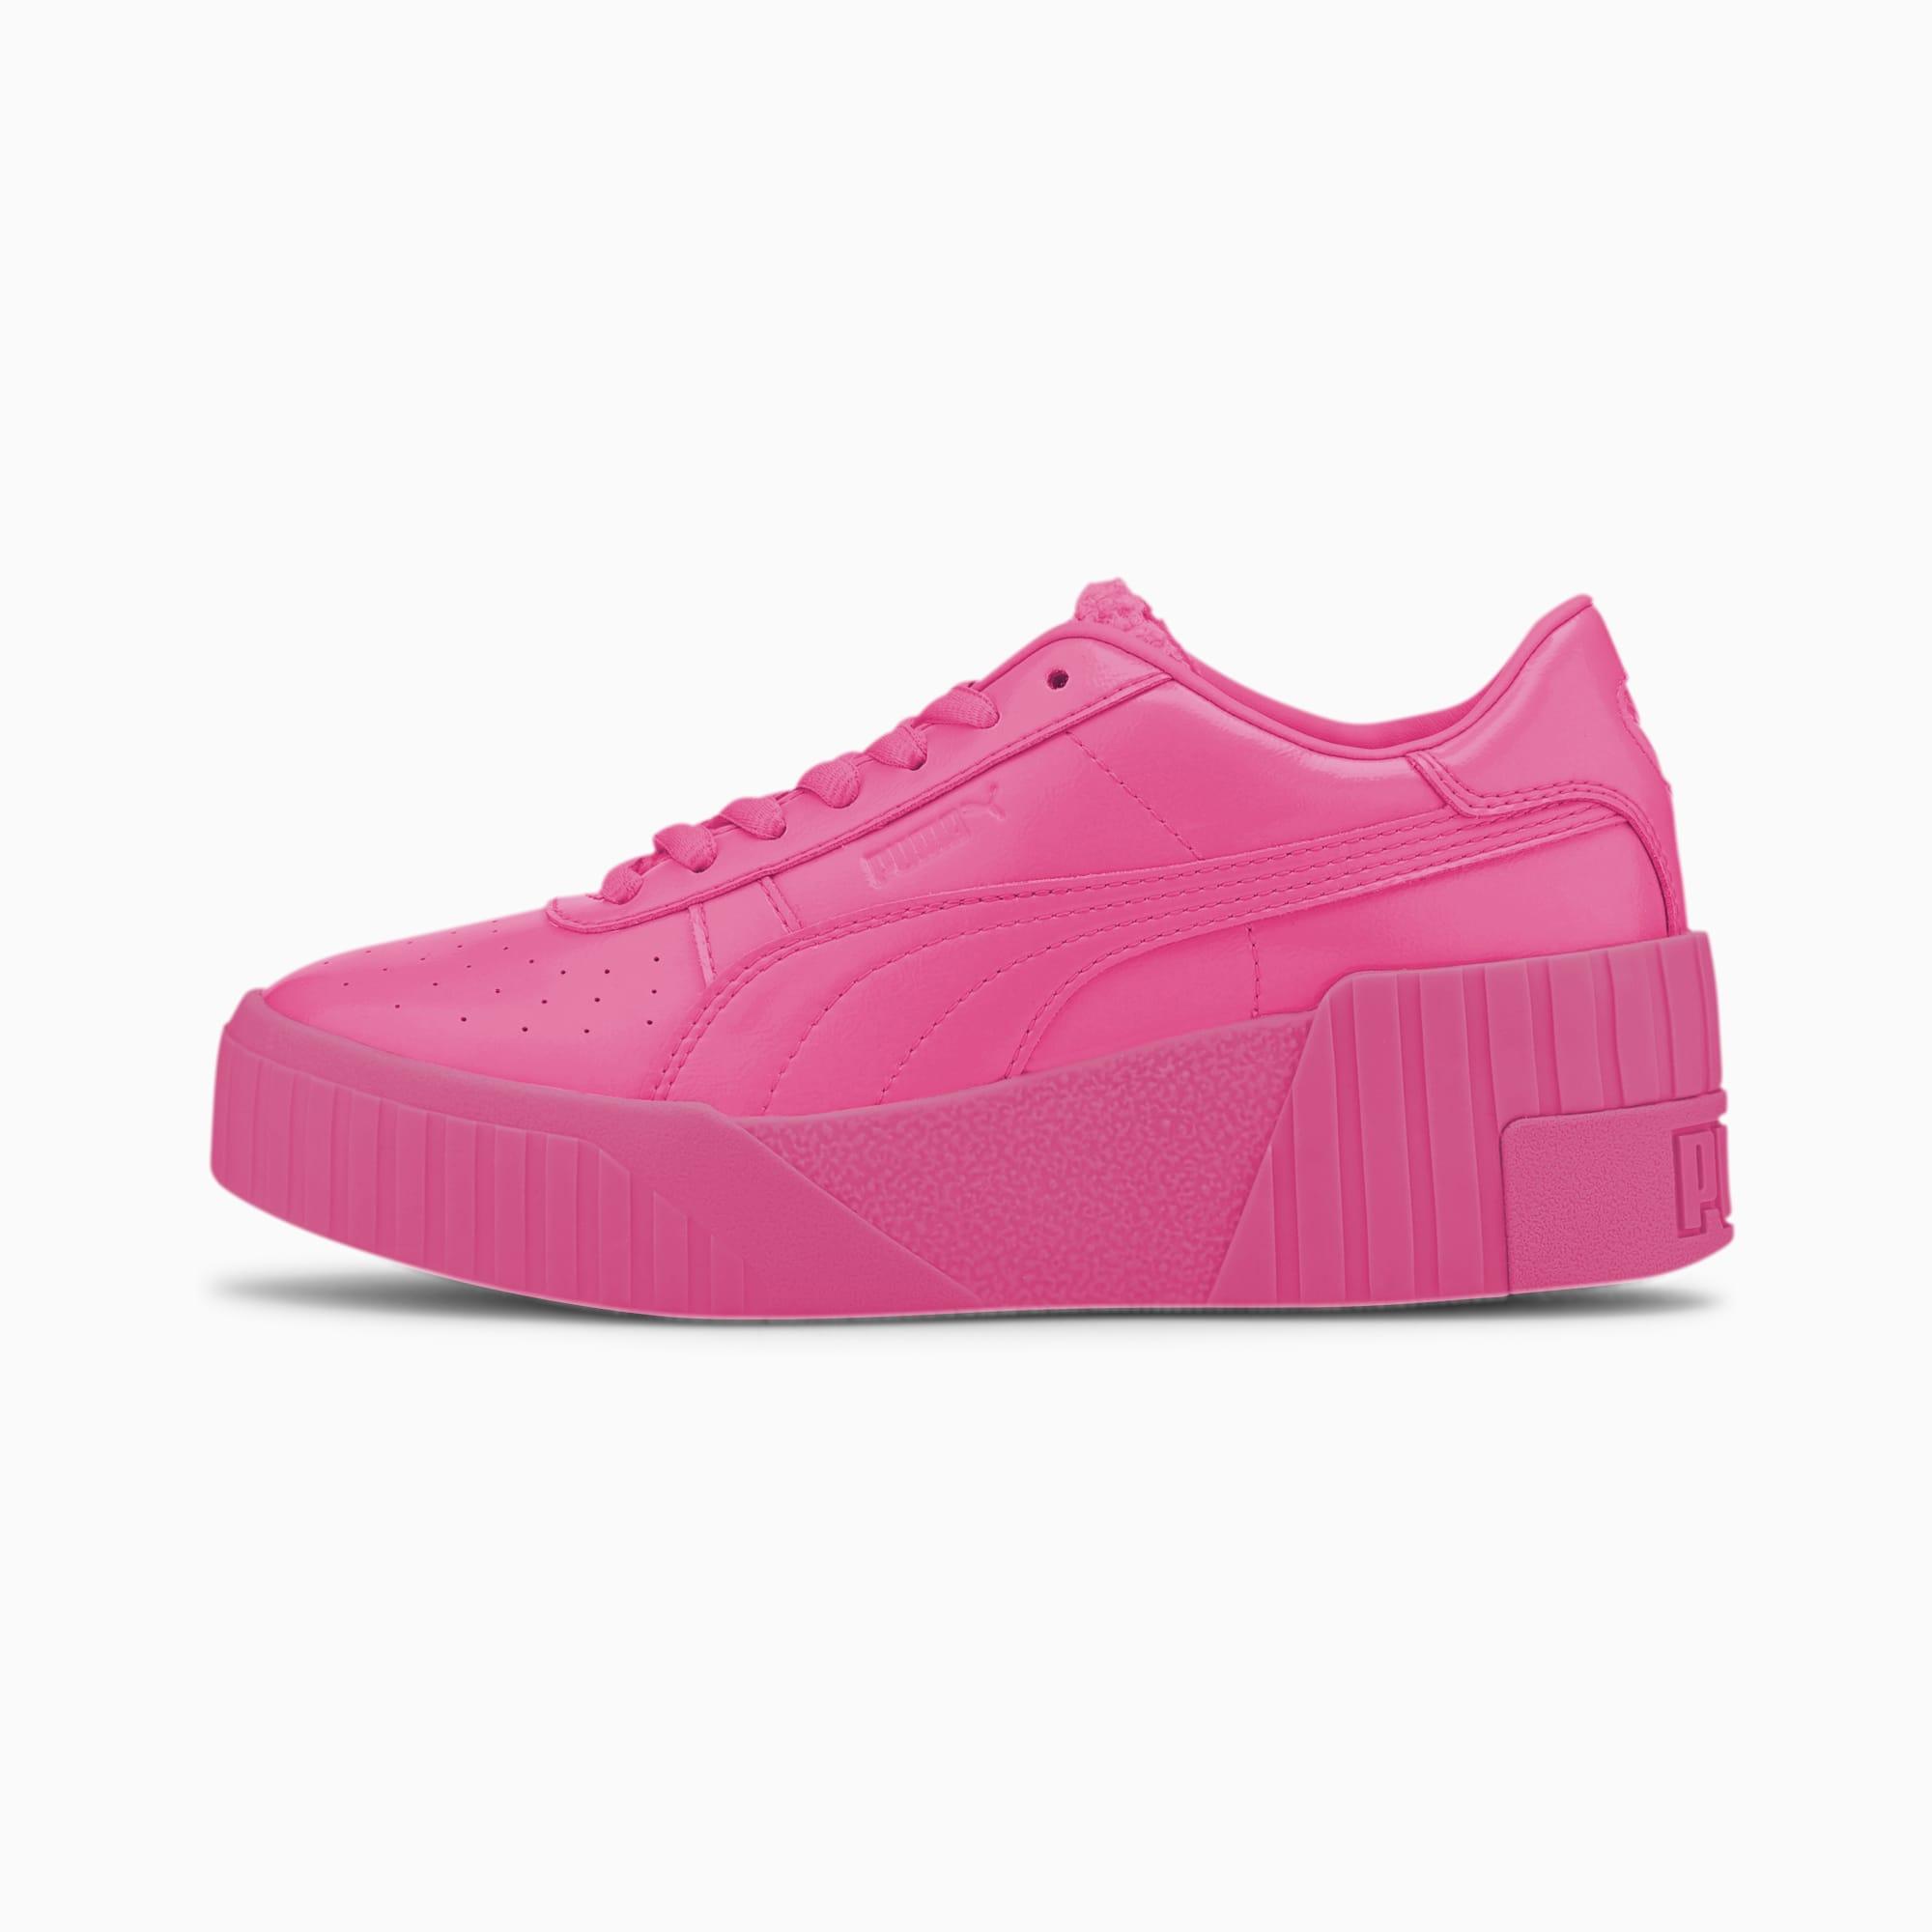 puma -  Cali Wedge PP Damen Sneaker Schuhe | Rosa | Größe: 37.5